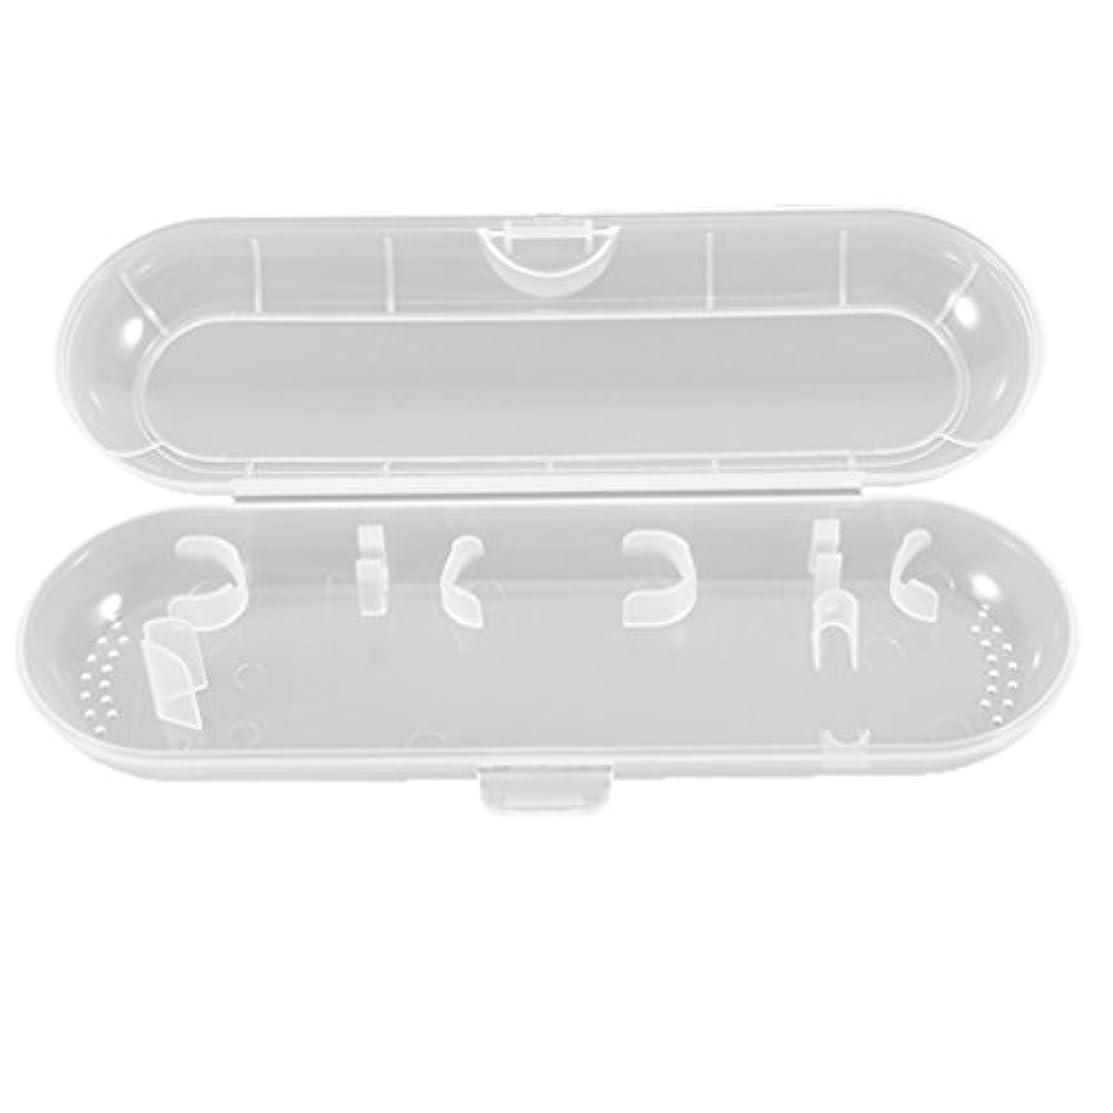 理由文句を言う簡単にHonel 透明 電動歯ブラシ収納ボックス プラスチック 電動歯ブラシケース 収納ケース ブラウン オーラルB対応